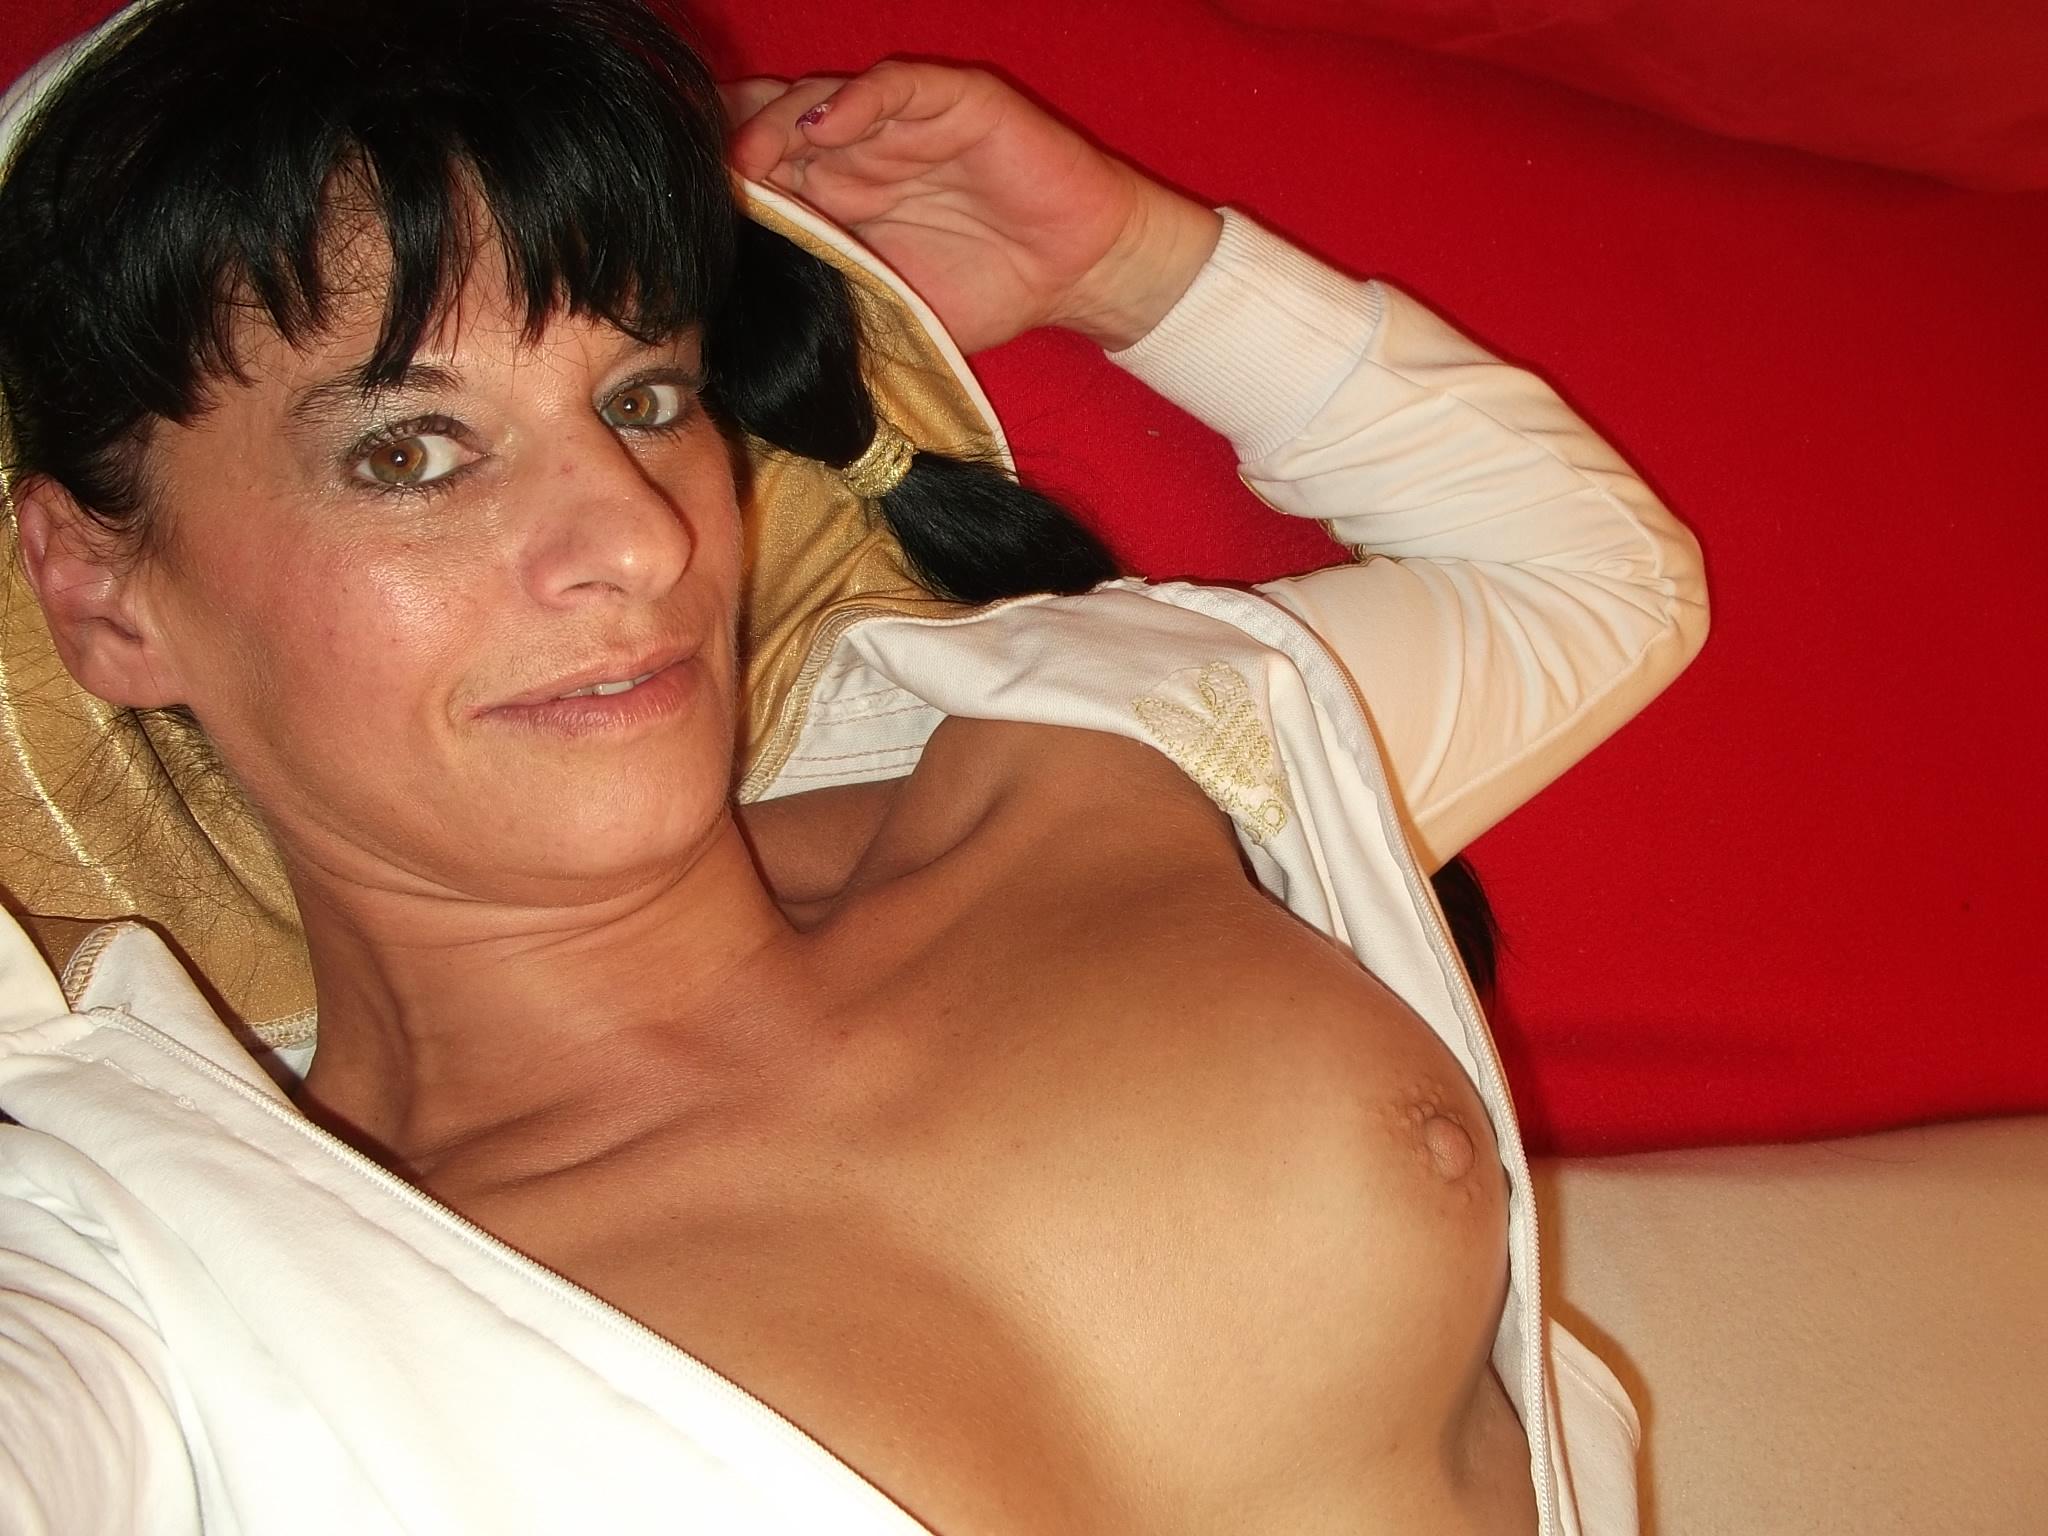 Sexgeile Hausfrauen ficken beim Livesextreff